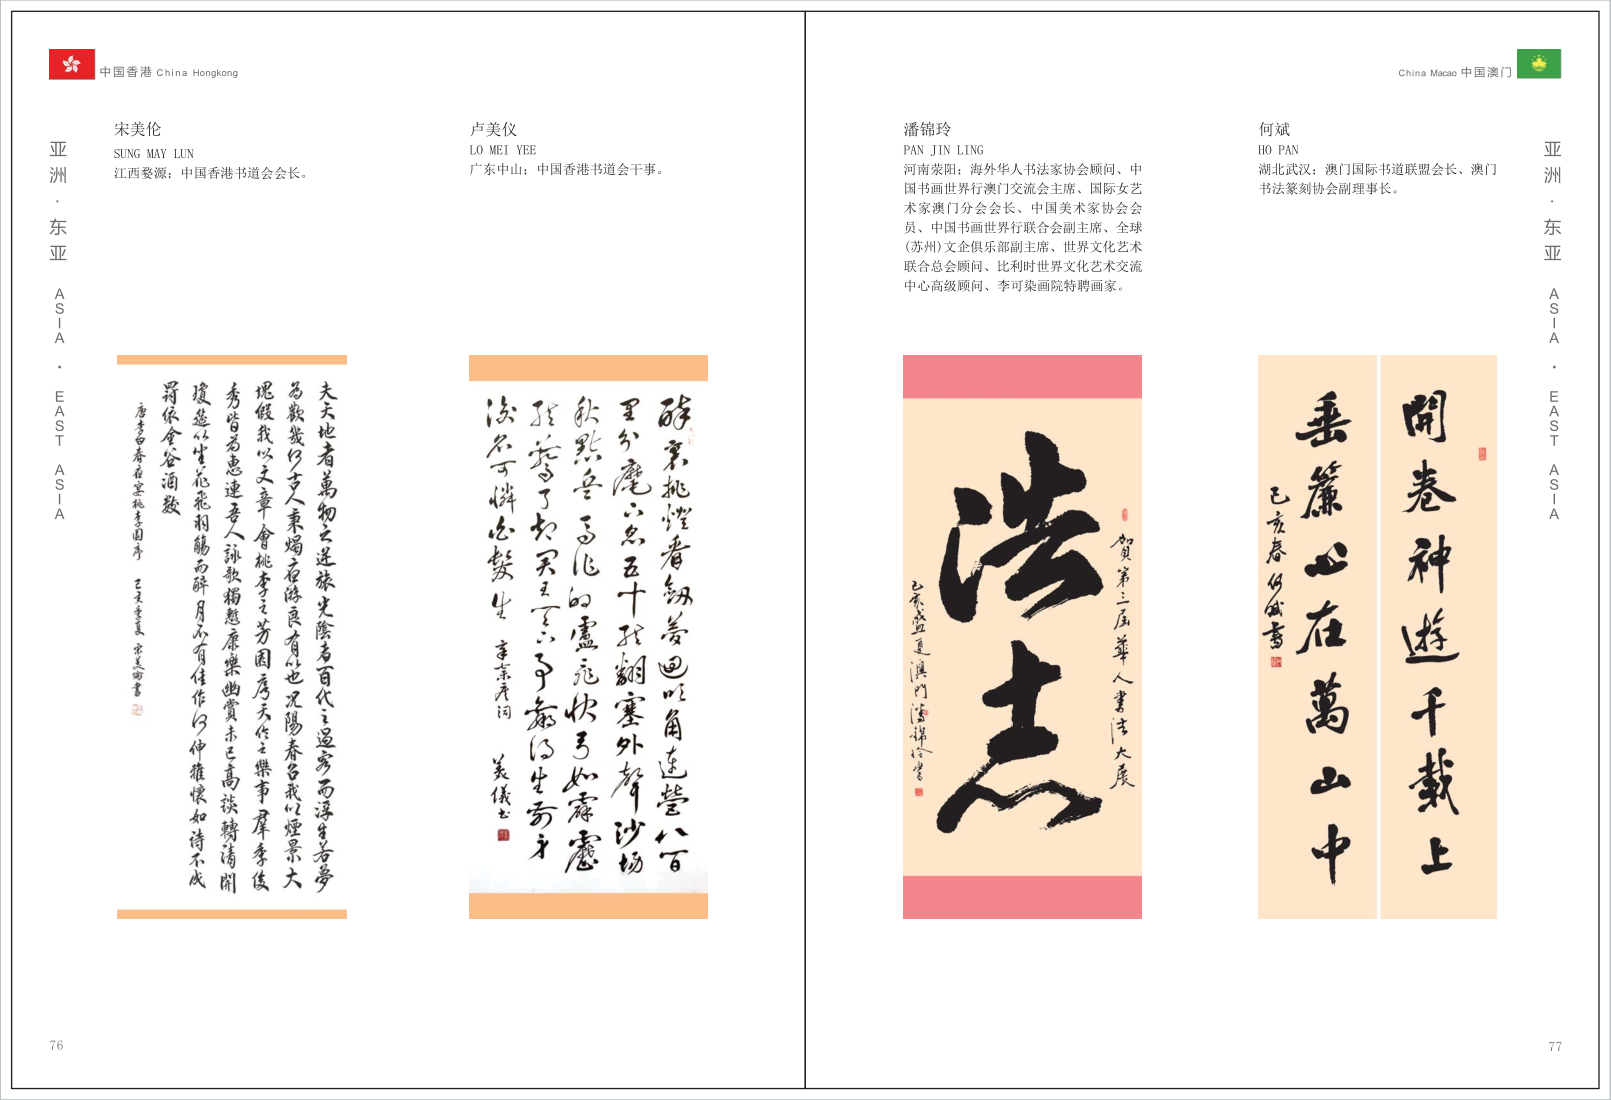 191页2_40.png